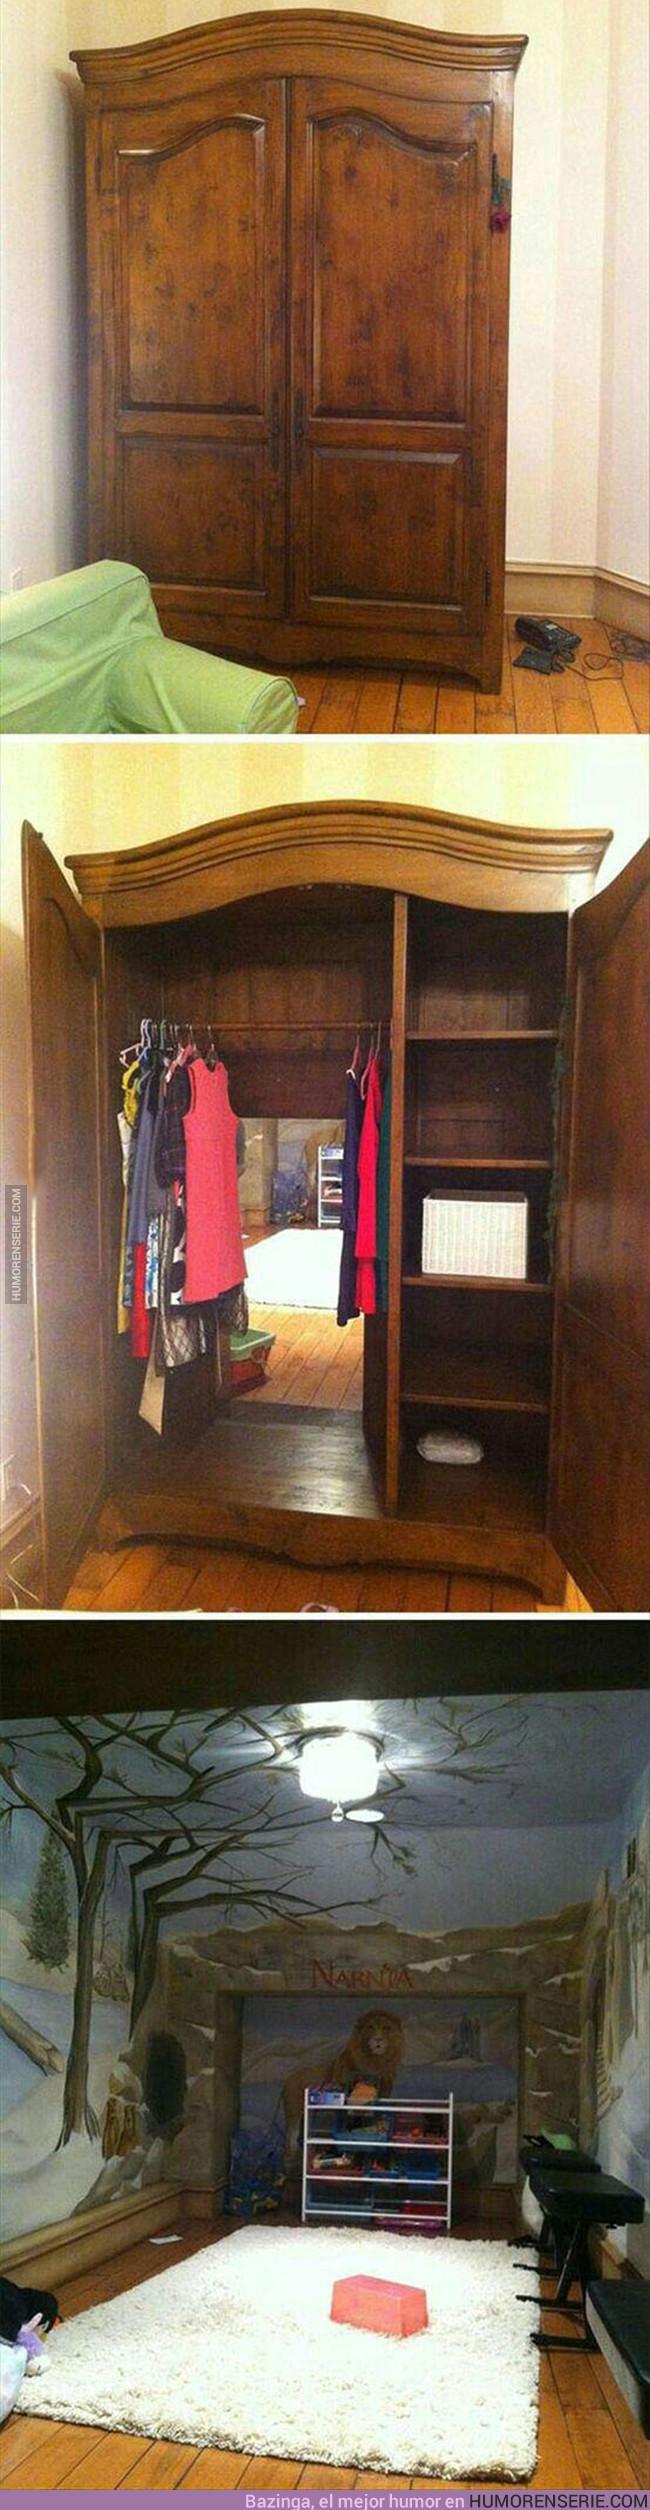 16456 - Padres crean esta habitación estilo Narnia para sus hijos